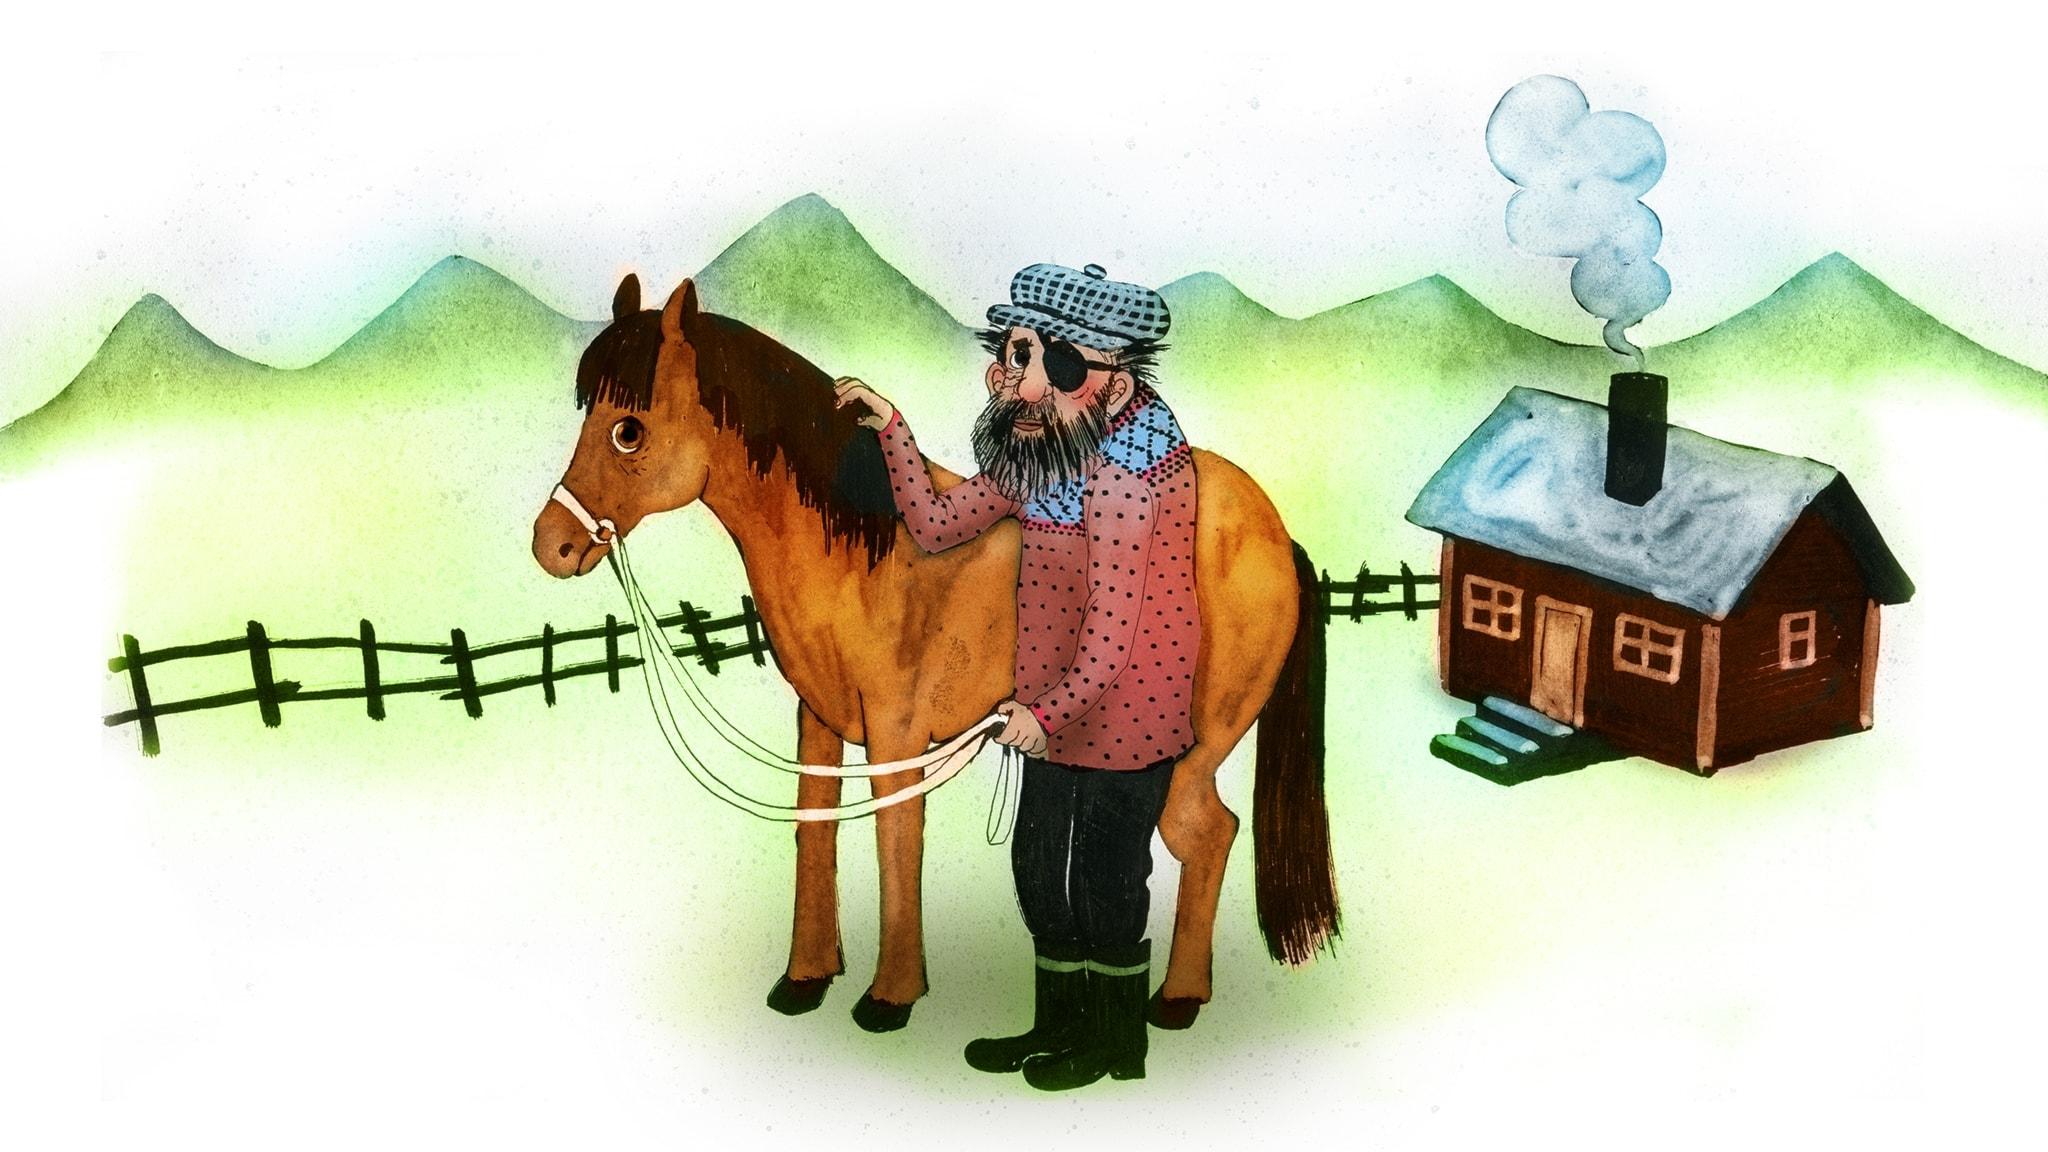 Del 17: Världens klokaste häst